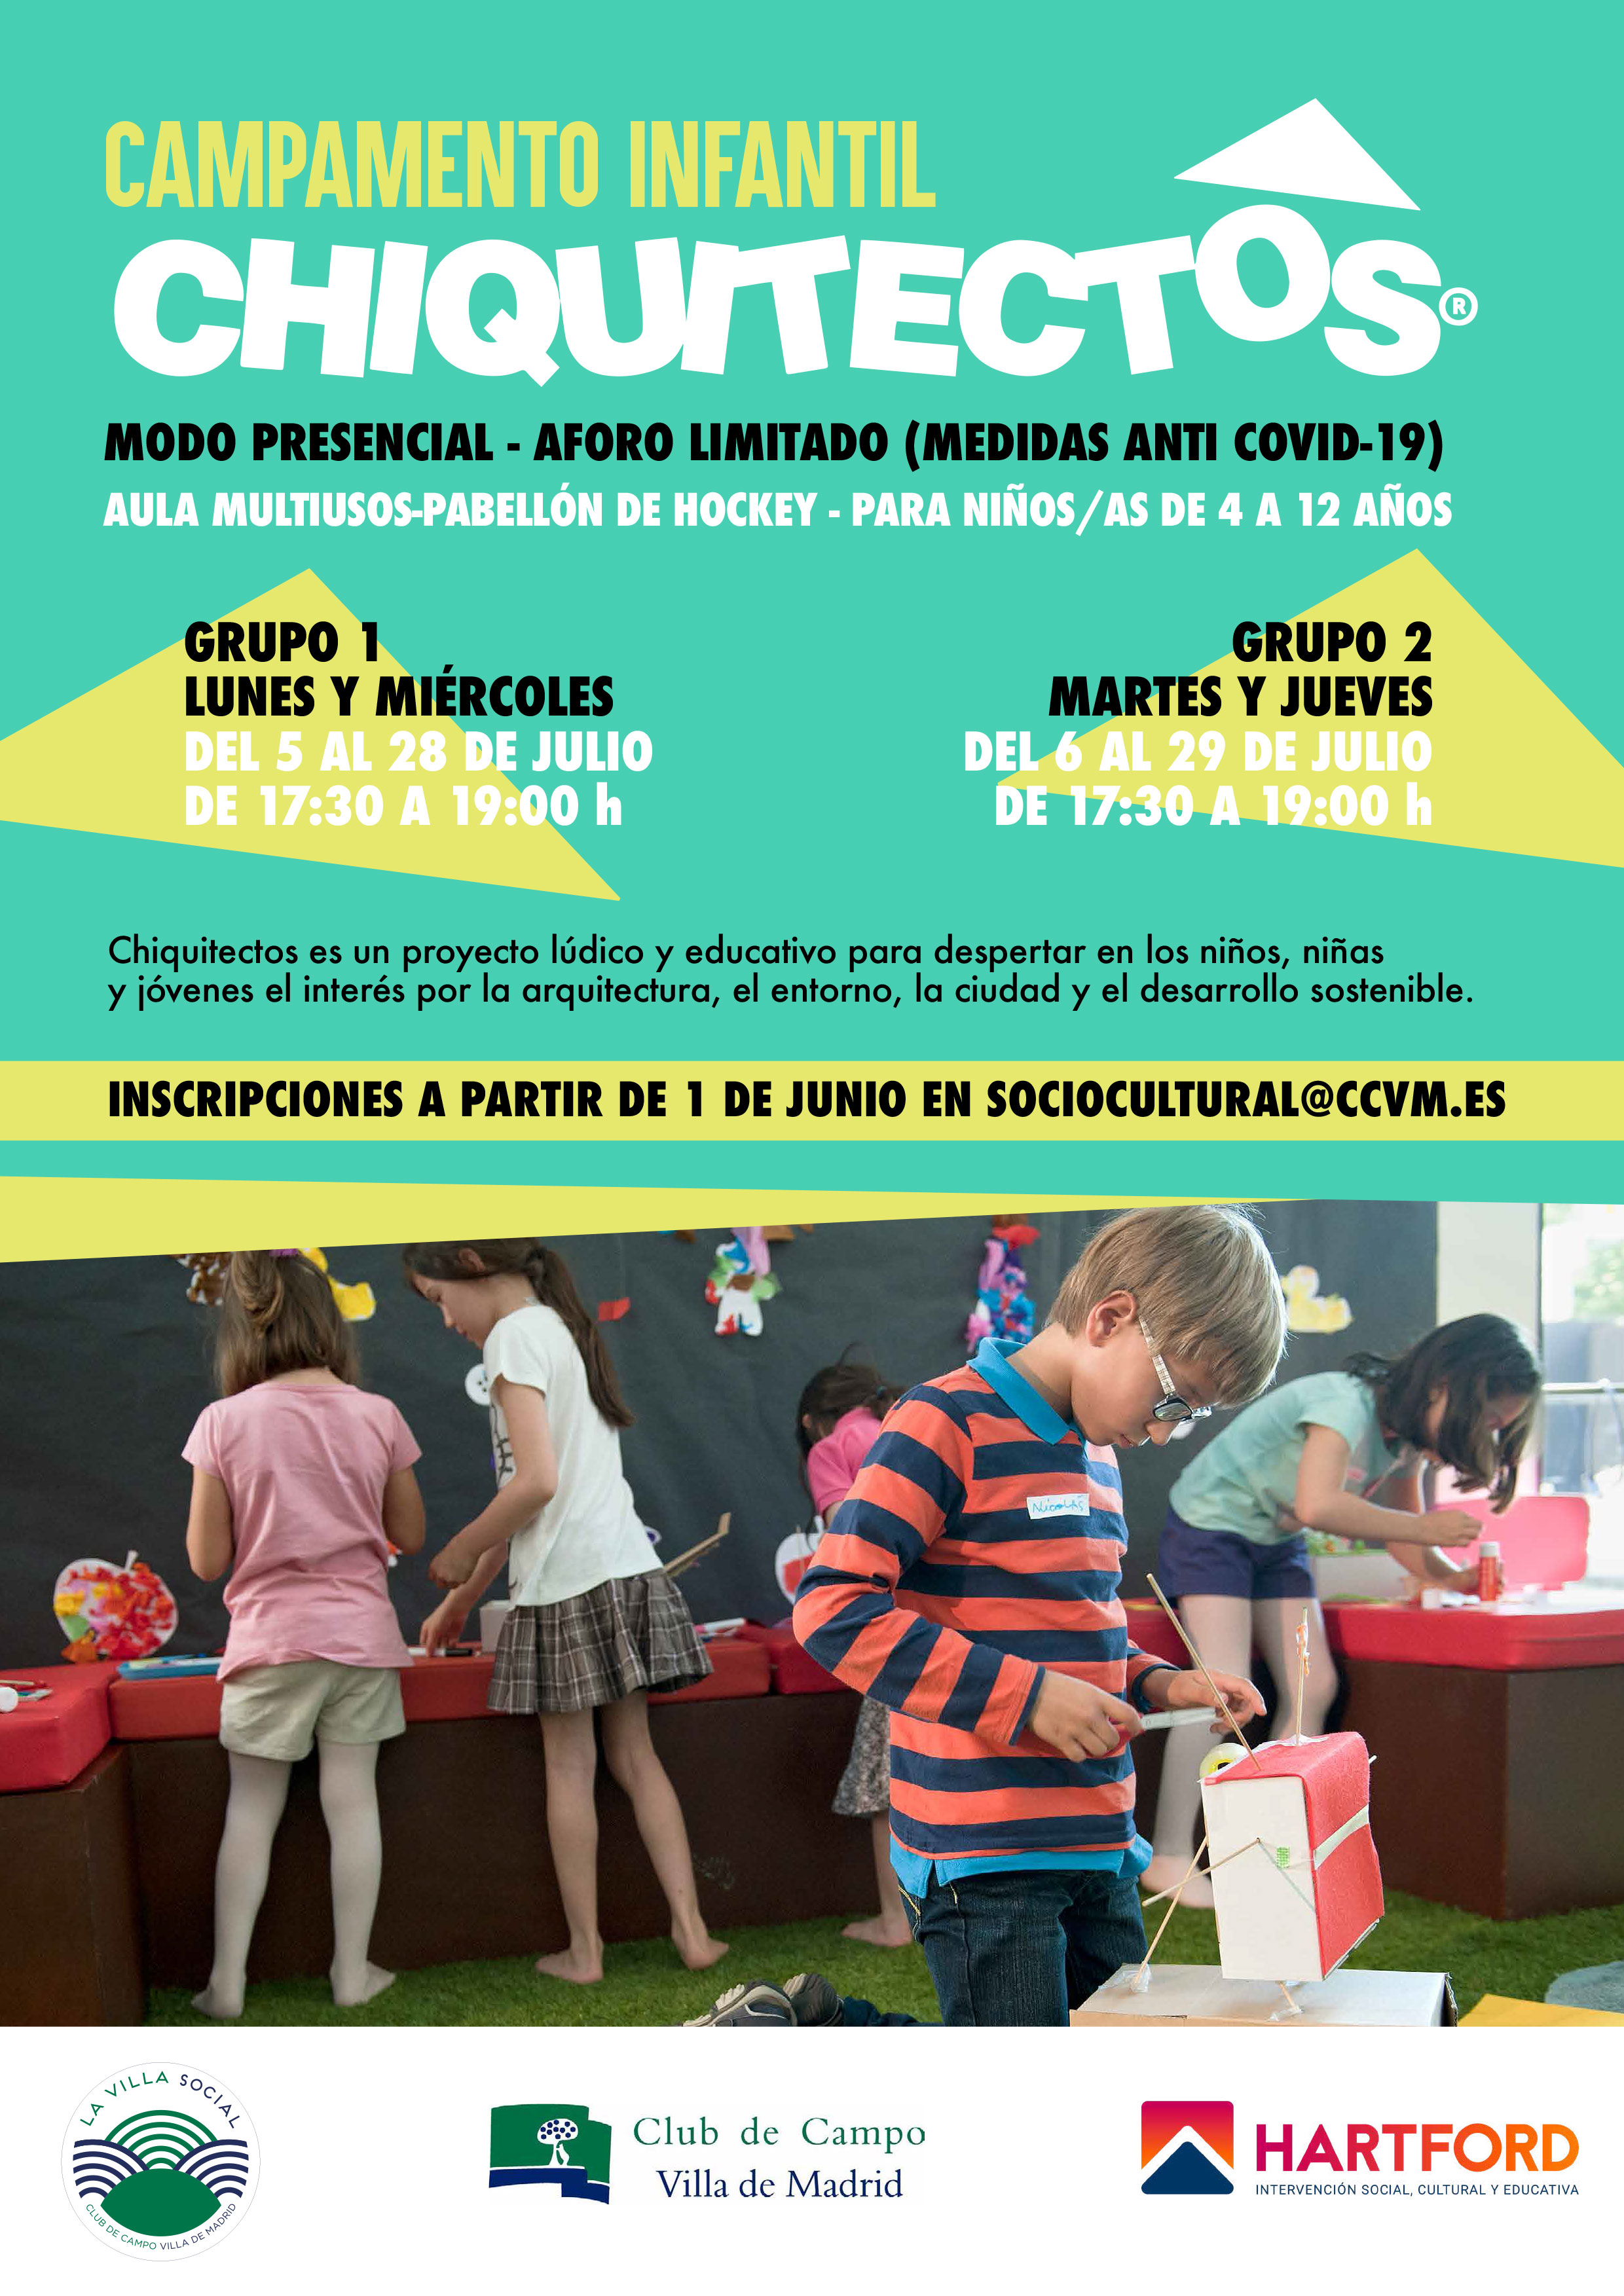 Campamento infantil Chiquitectos.